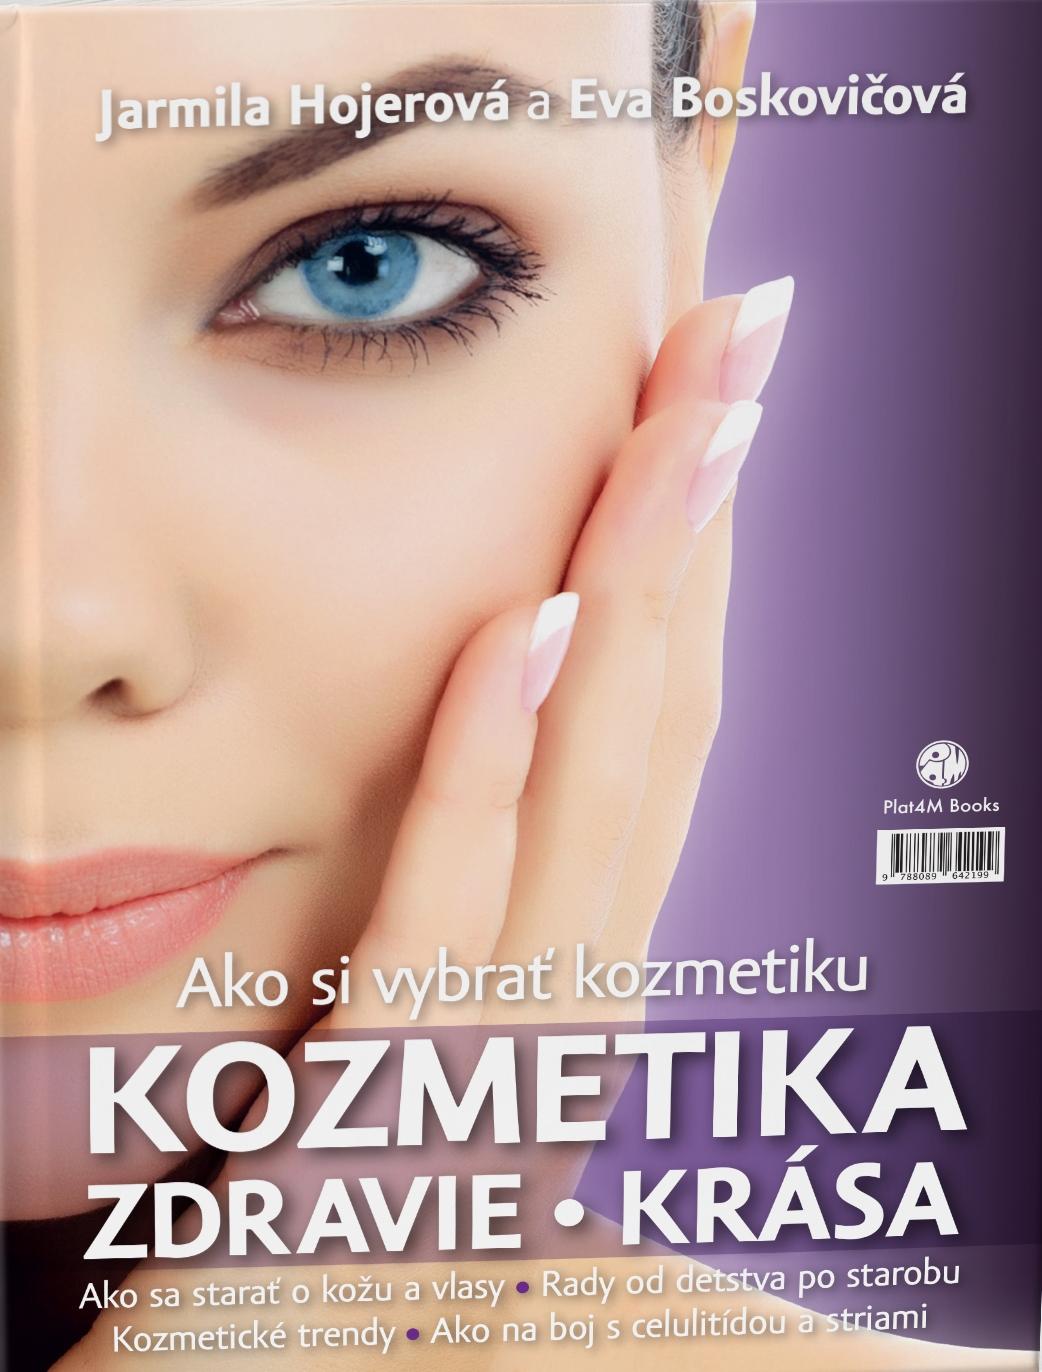 Ako si vybrať kozmetiku - Kozmetika, zdravie, krása